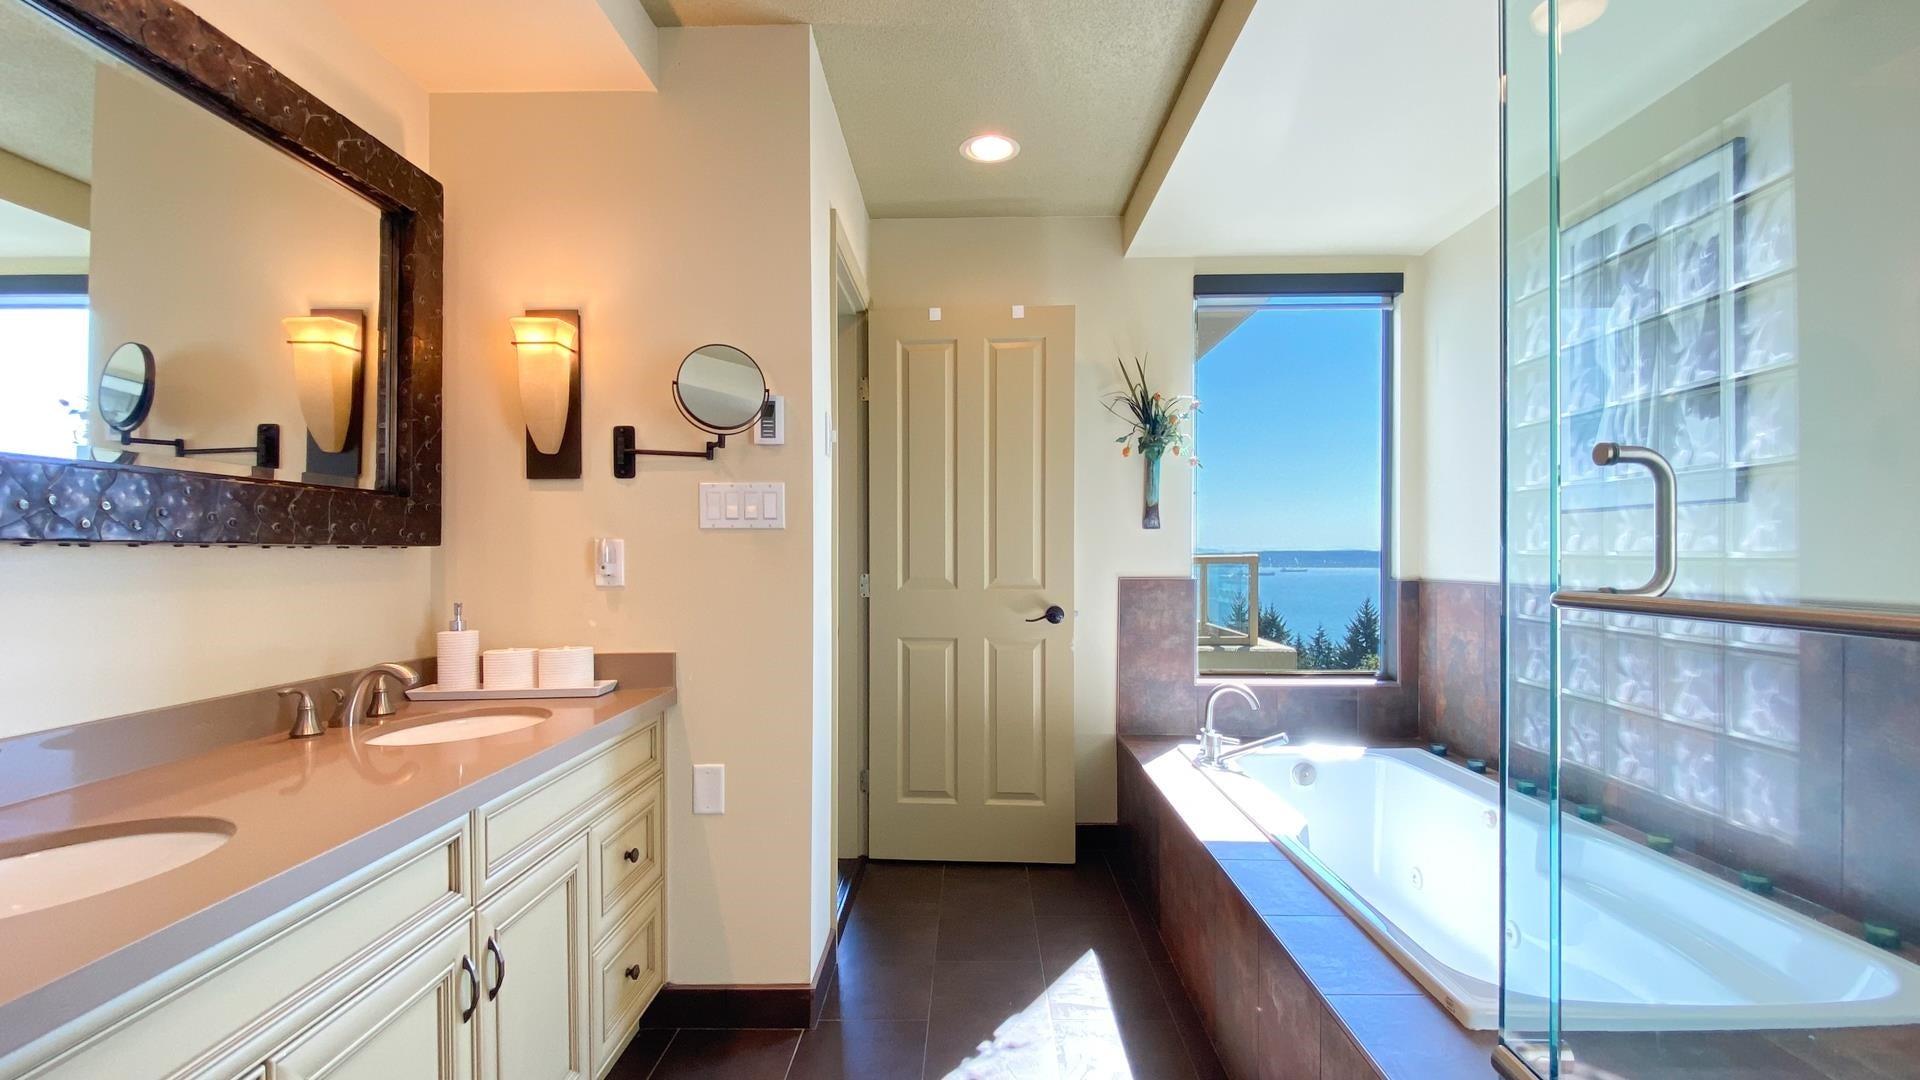 301 3131 DEER RIDGE DRIVE - Deer Ridge WV Apartment/Condo for sale, 2 Bedrooms (R2615692) - #19